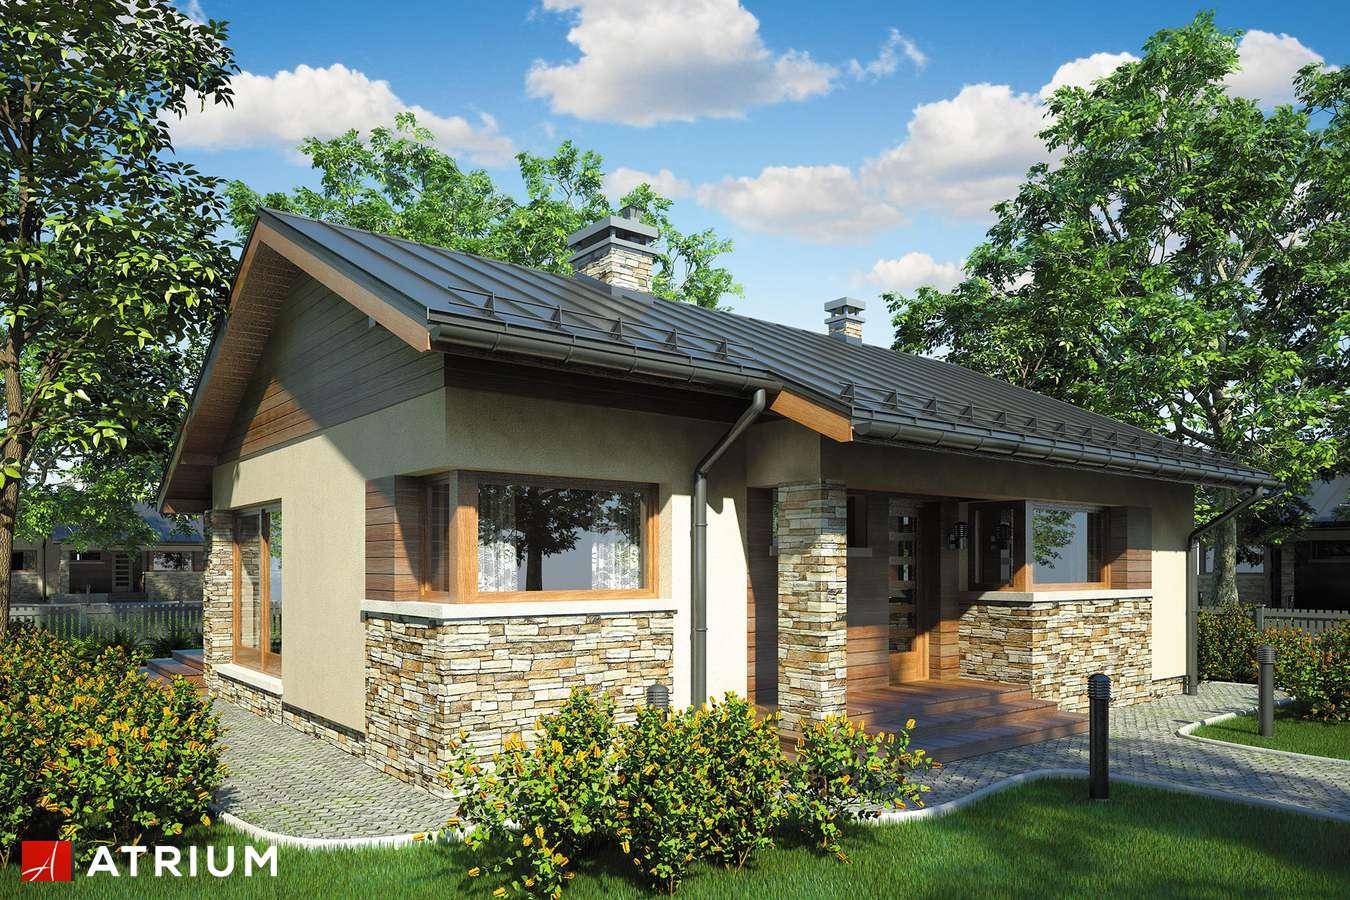 Projekty domów - Projekt domu parterowego RICARDO - wizualizacja 2 - wersja lustrzana